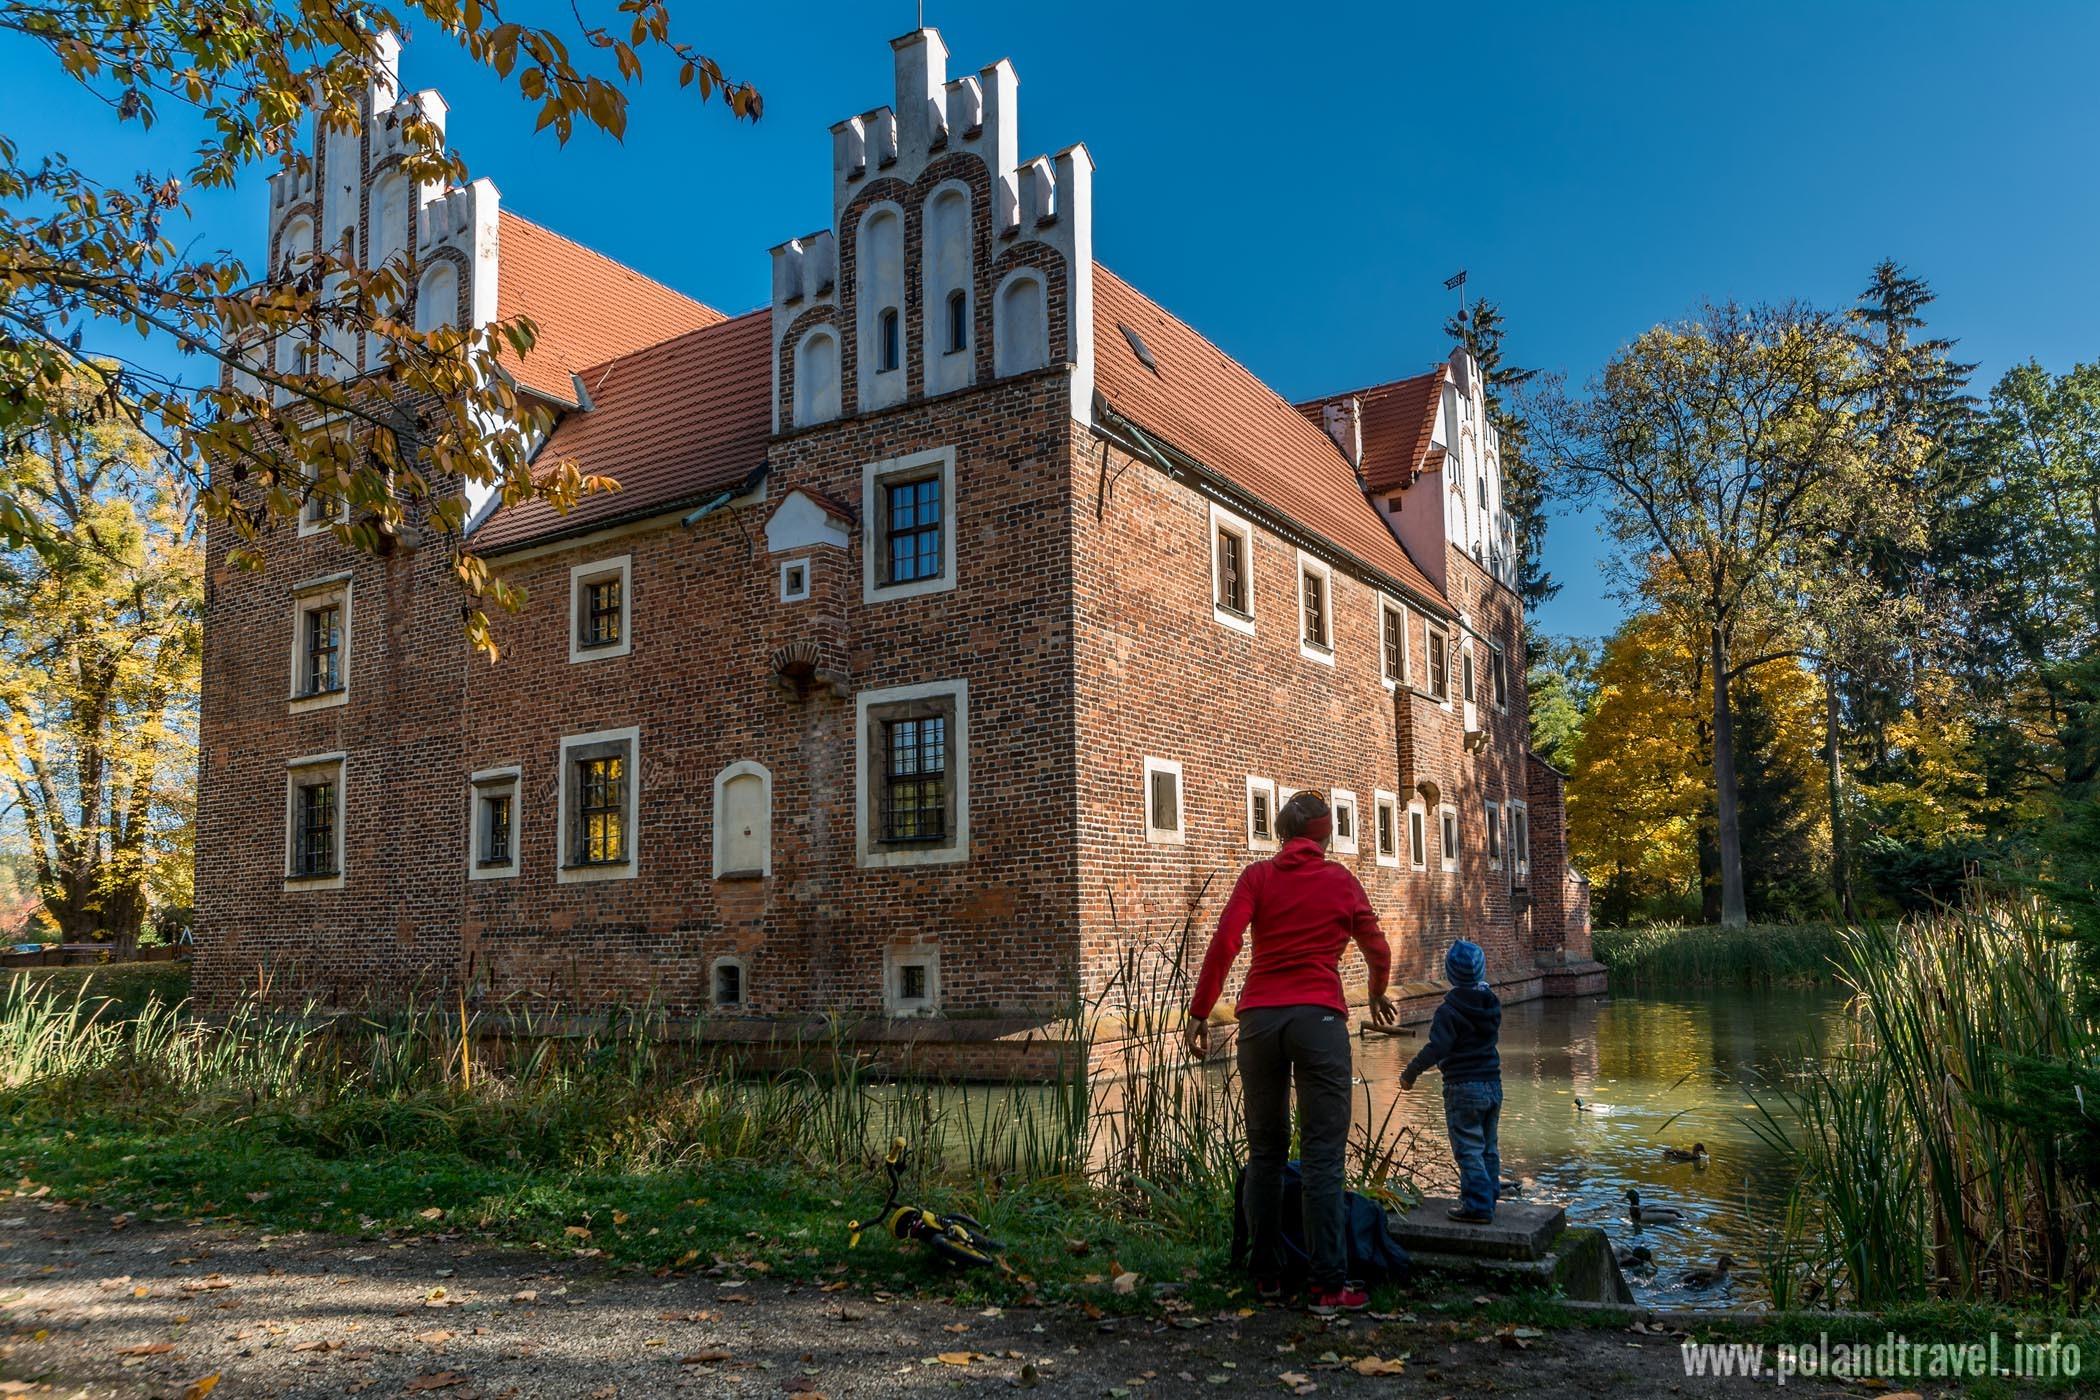 w pierwszym planie matka z dzieckiem karmiącym kaczki na stawie, z tyłu wystający z wody zamek.